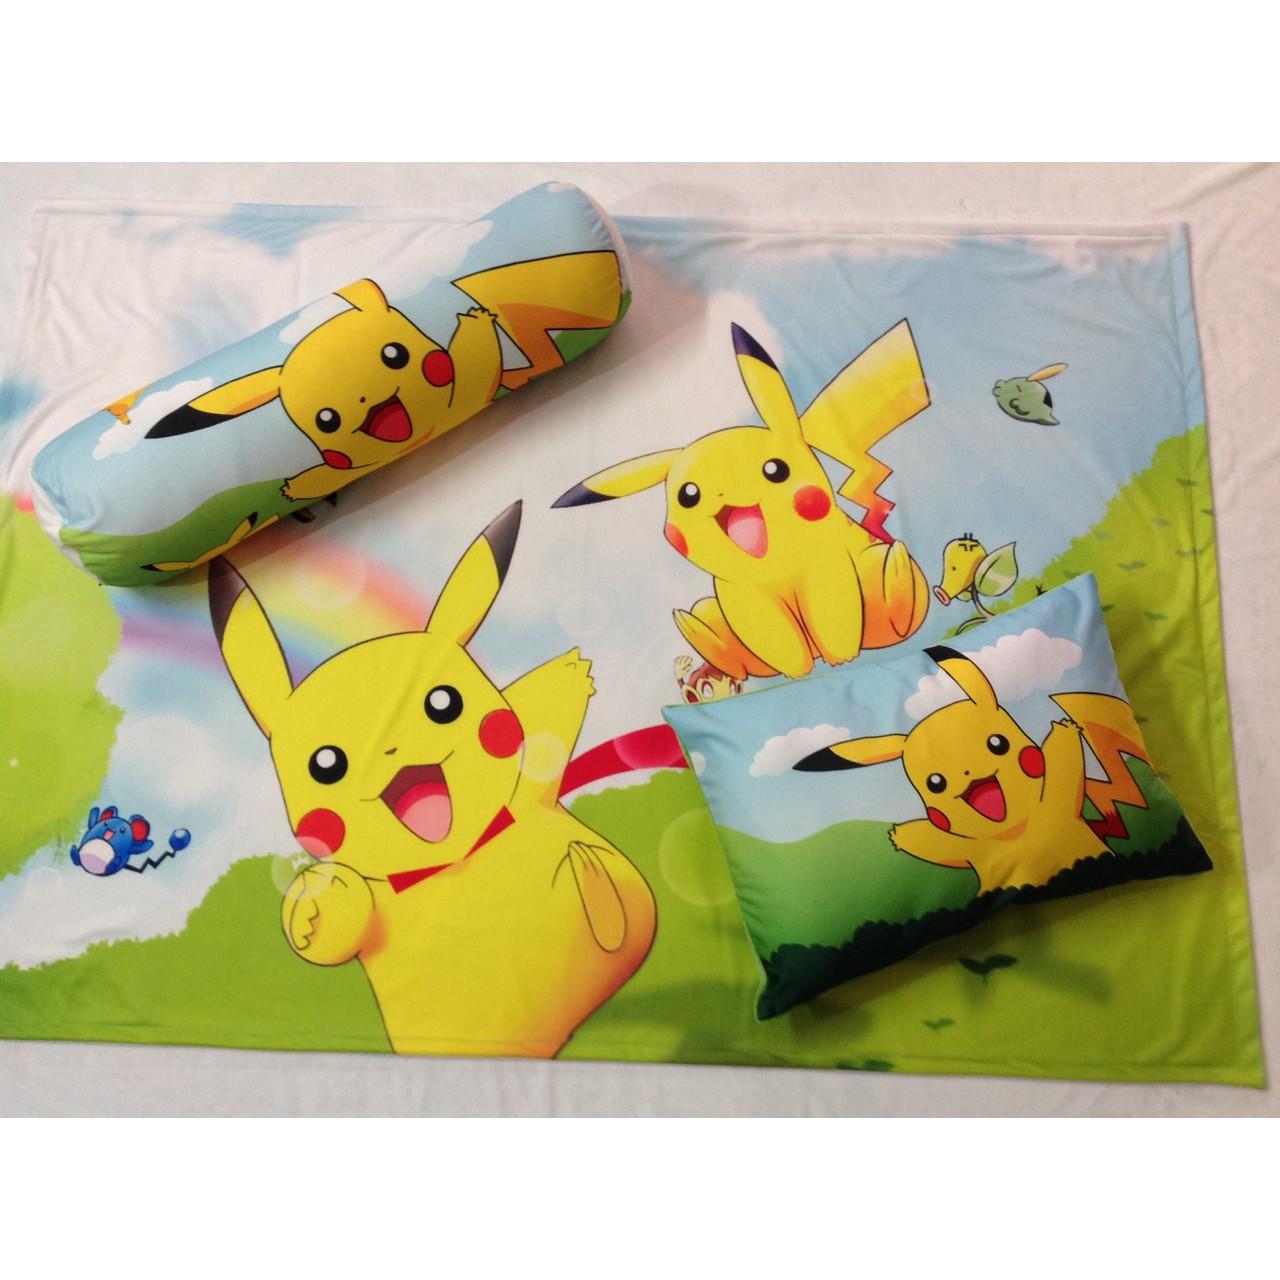 Bộ chăn gối hình Pikachu cho bé 3-5 tuổi